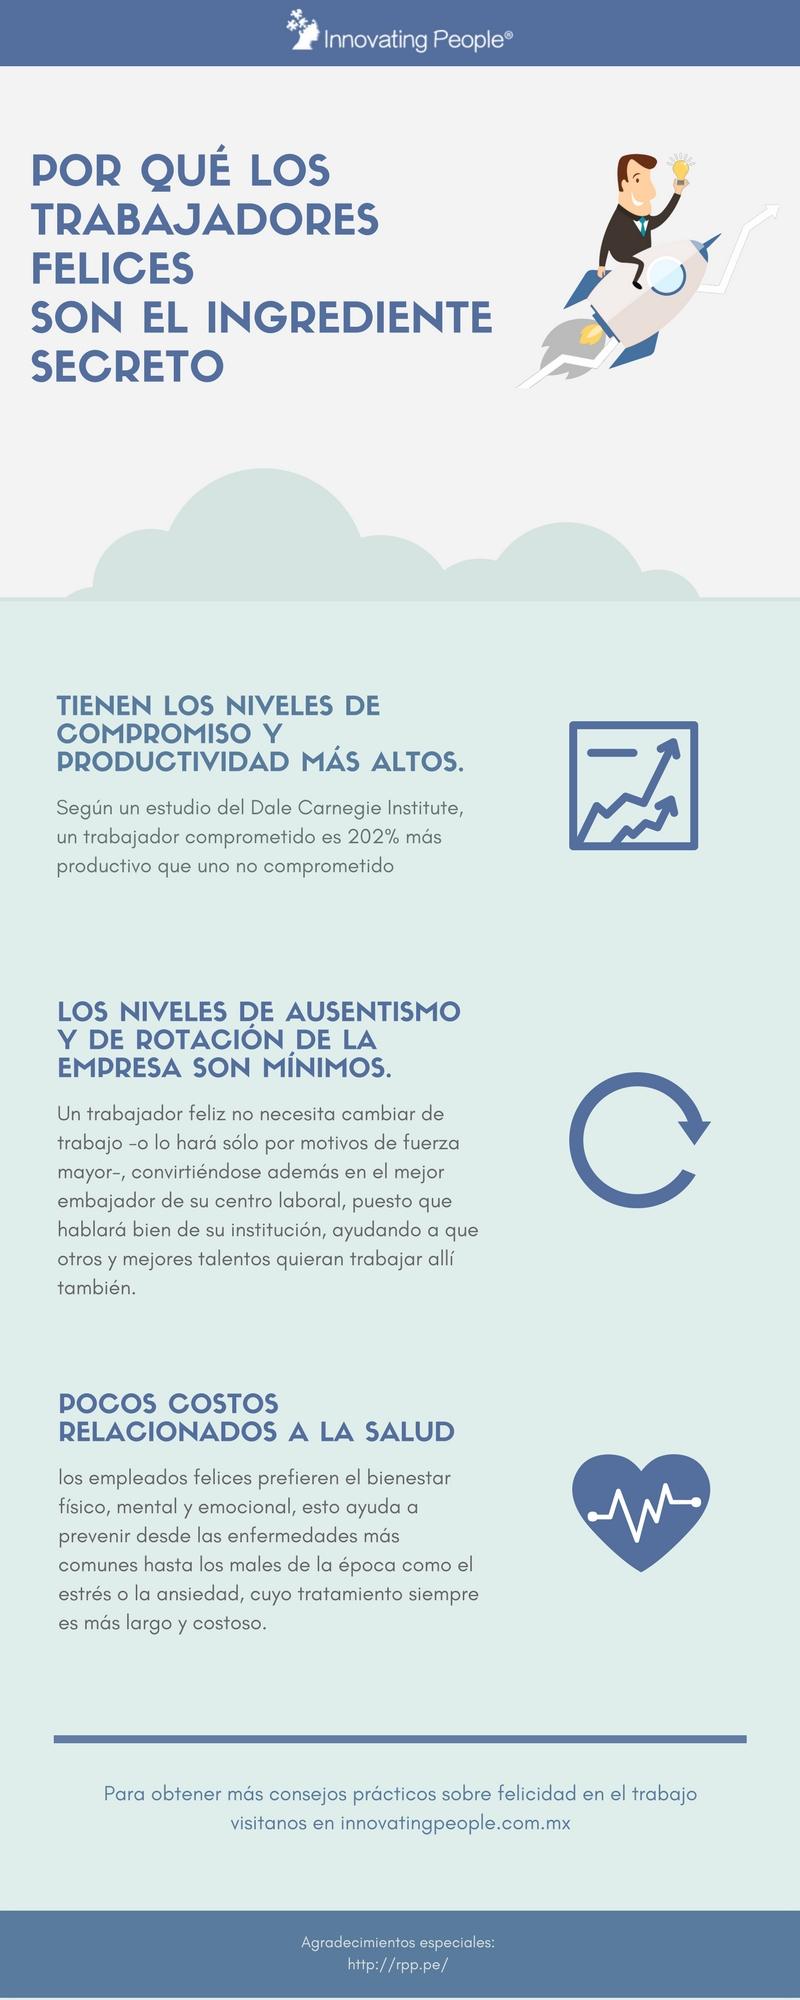 Características de los empleados felices